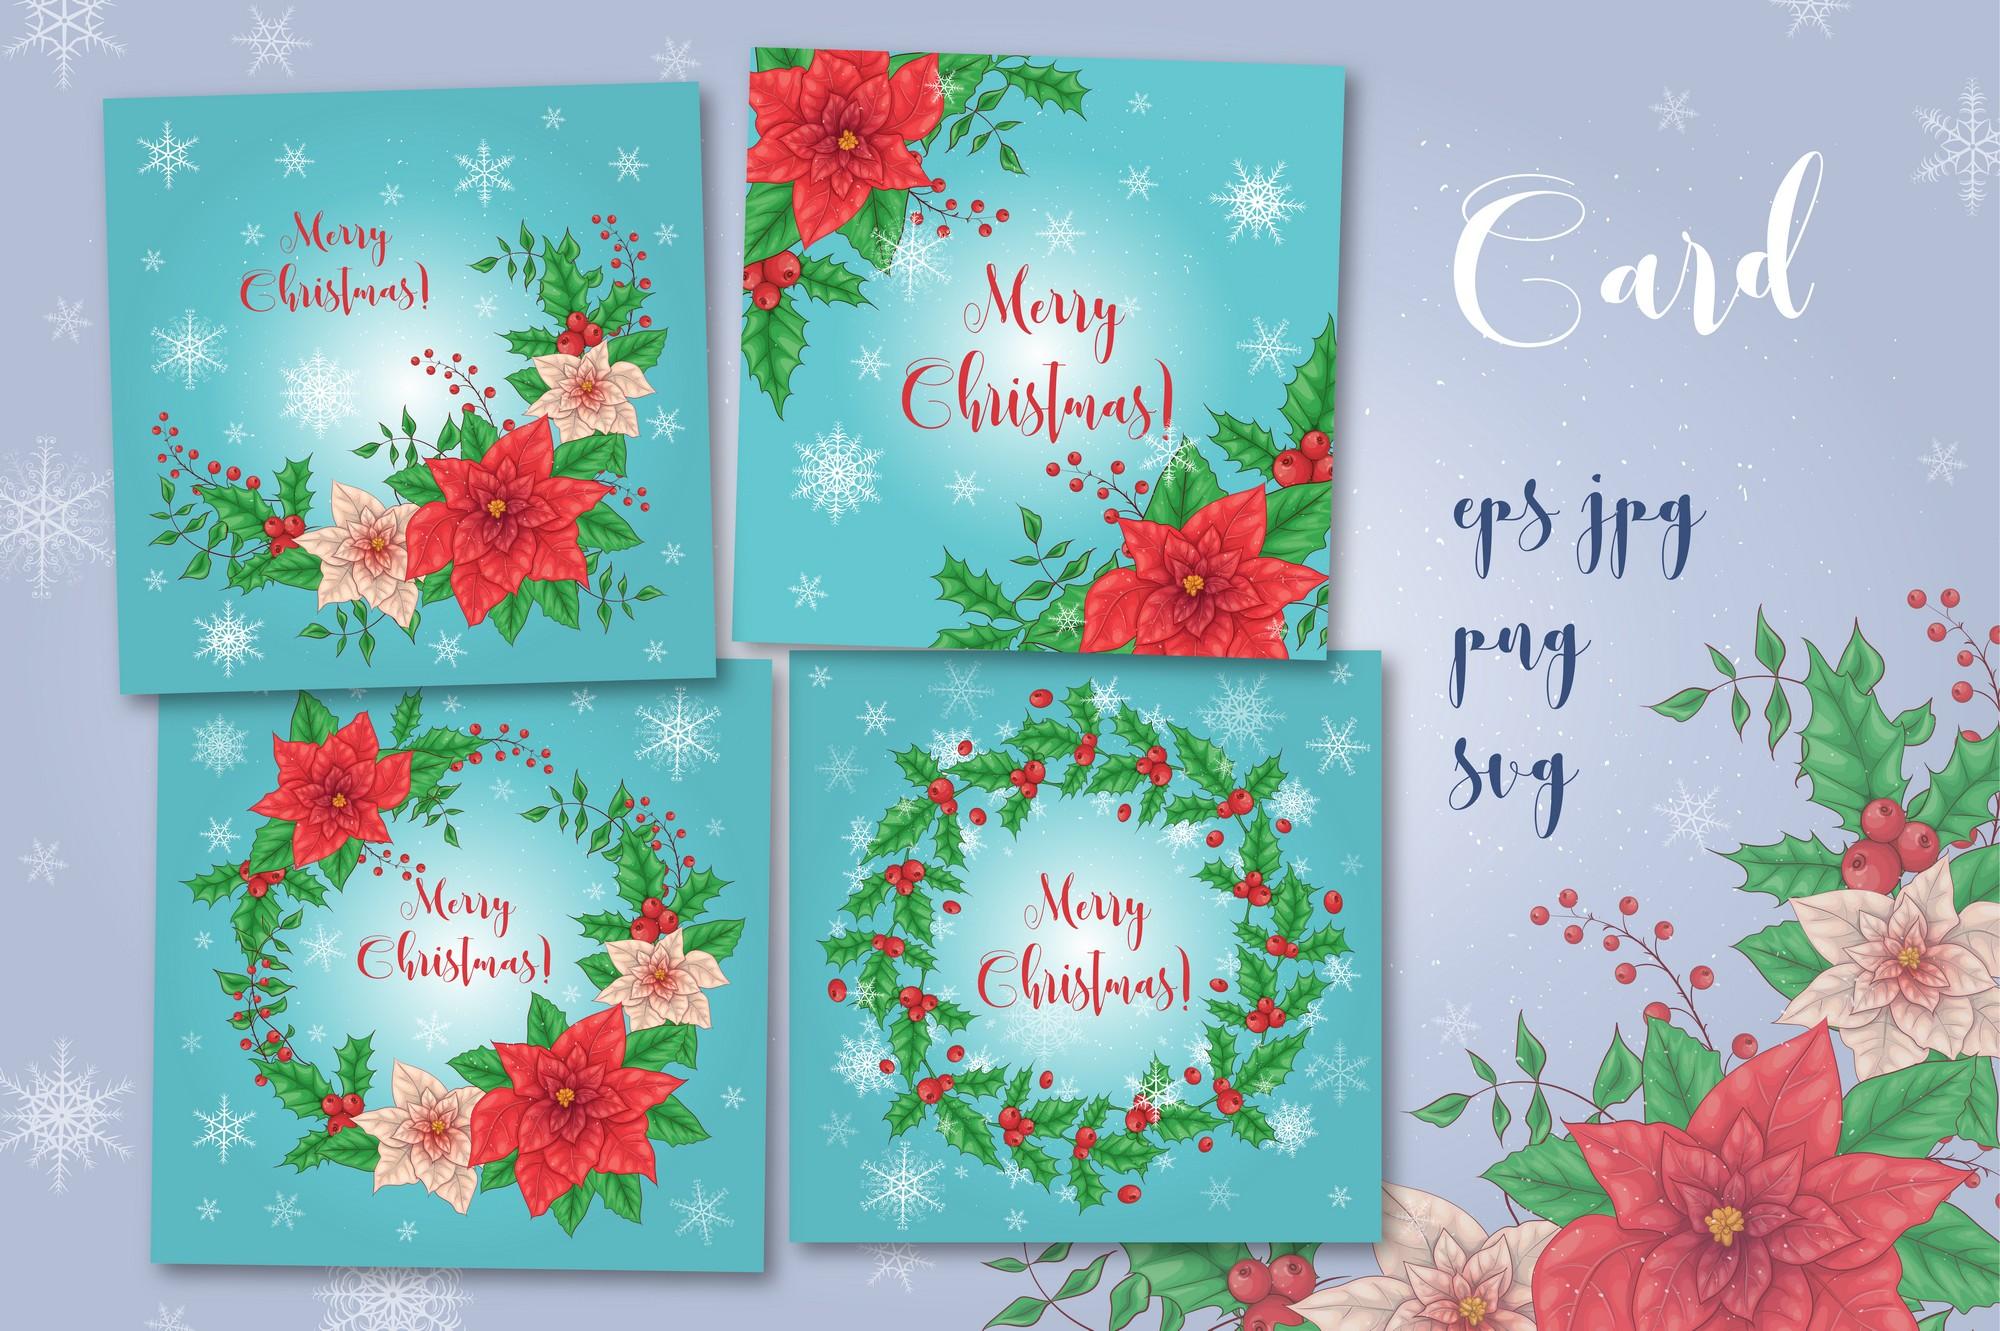 Merry Christmas Graphics Bundle - Image00007